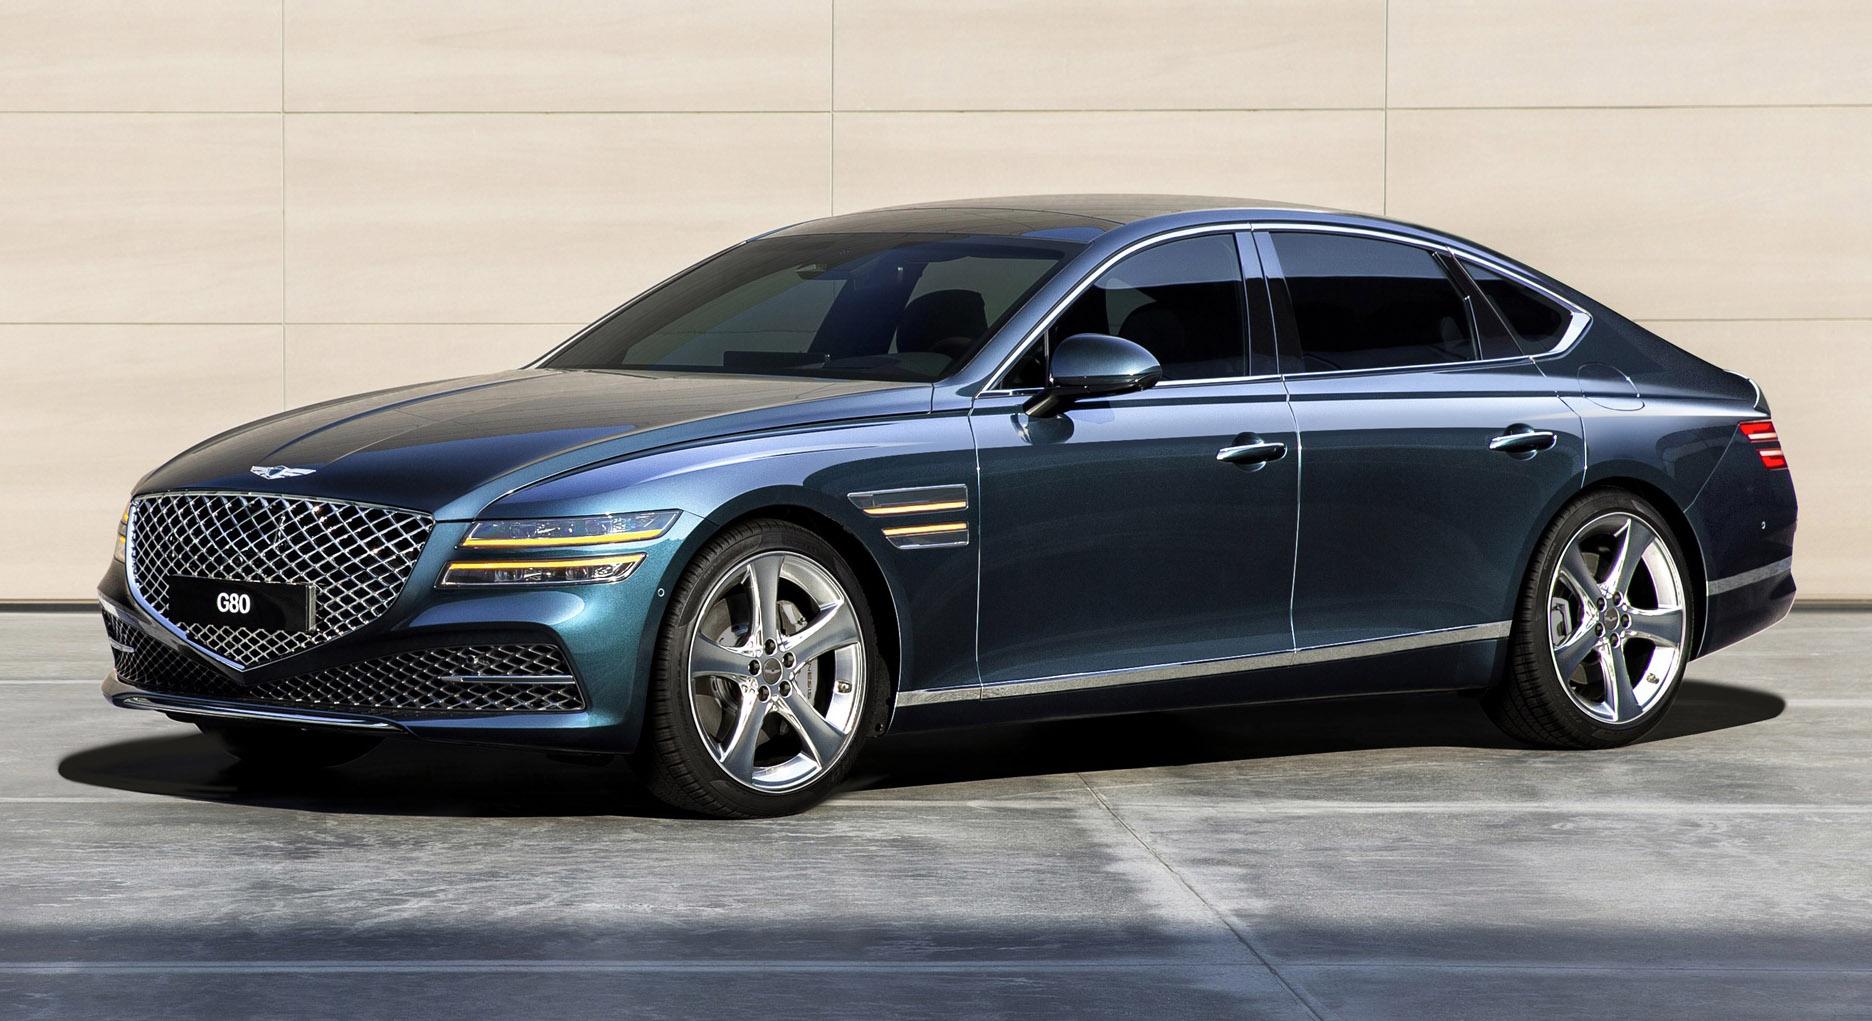 Синоним за луксуз и совршенство, а доаѓа од Кореја: Ова е новиот Genesis G80